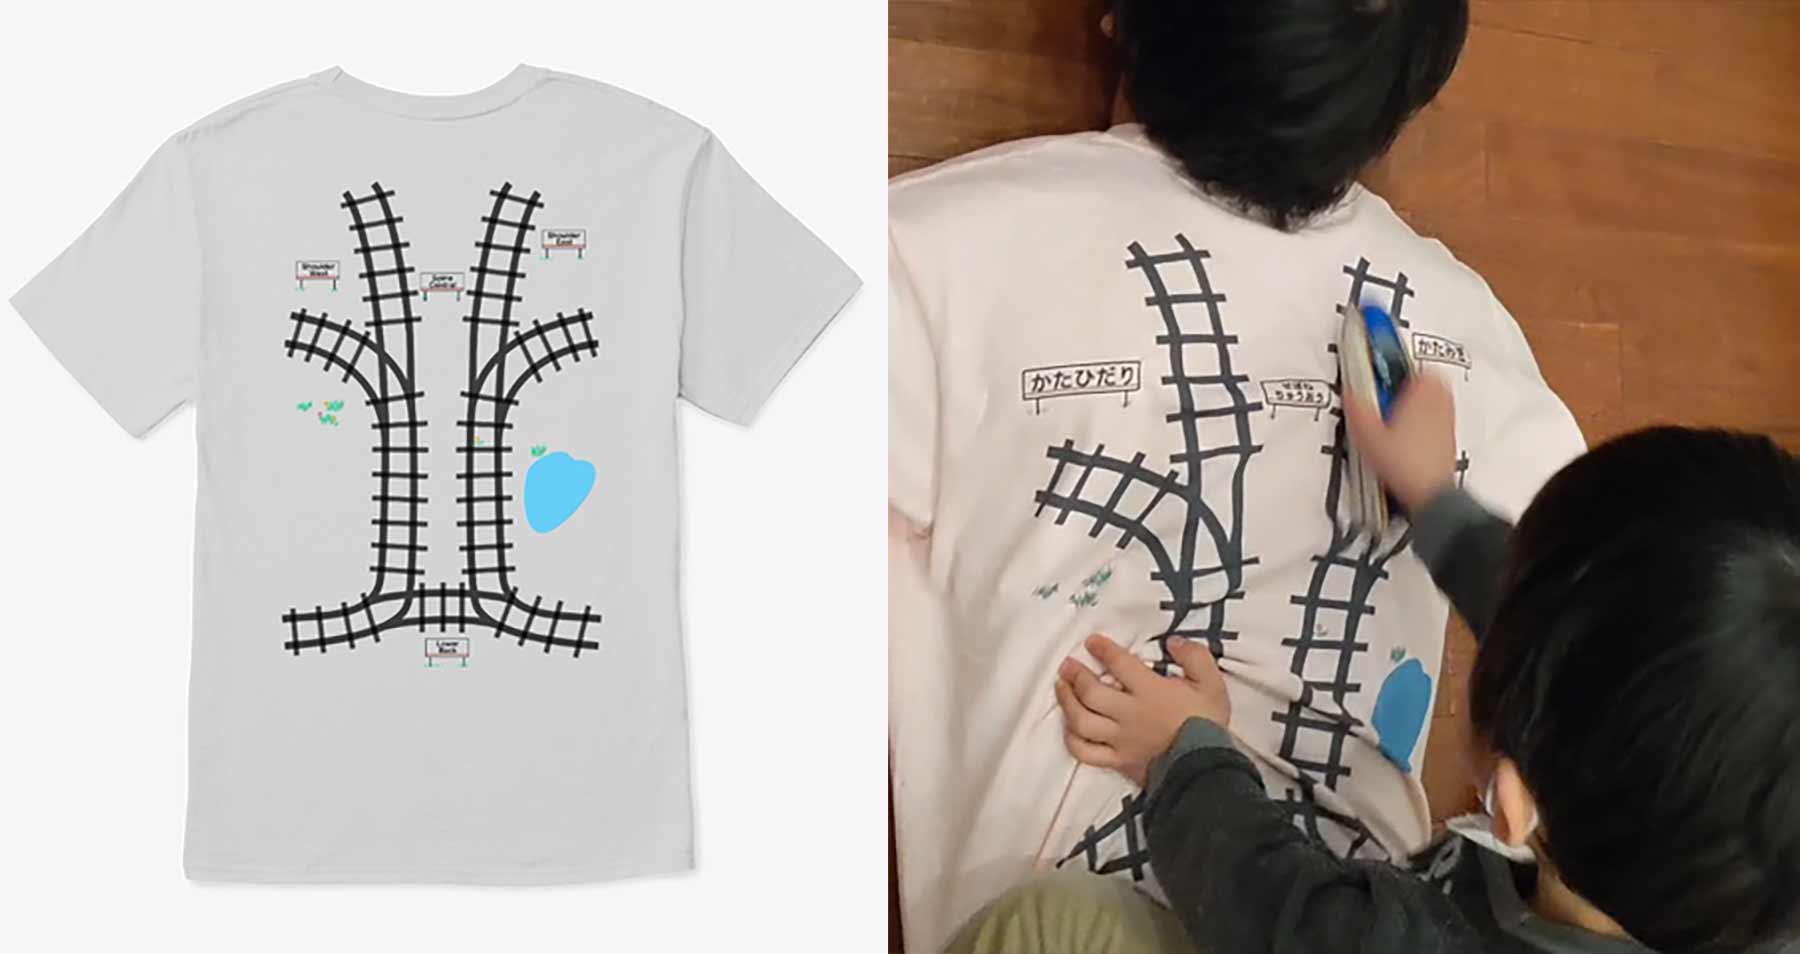 Dieses T-Shirt mit Gleisen gibt einem spielerisch eine Rückenmassage